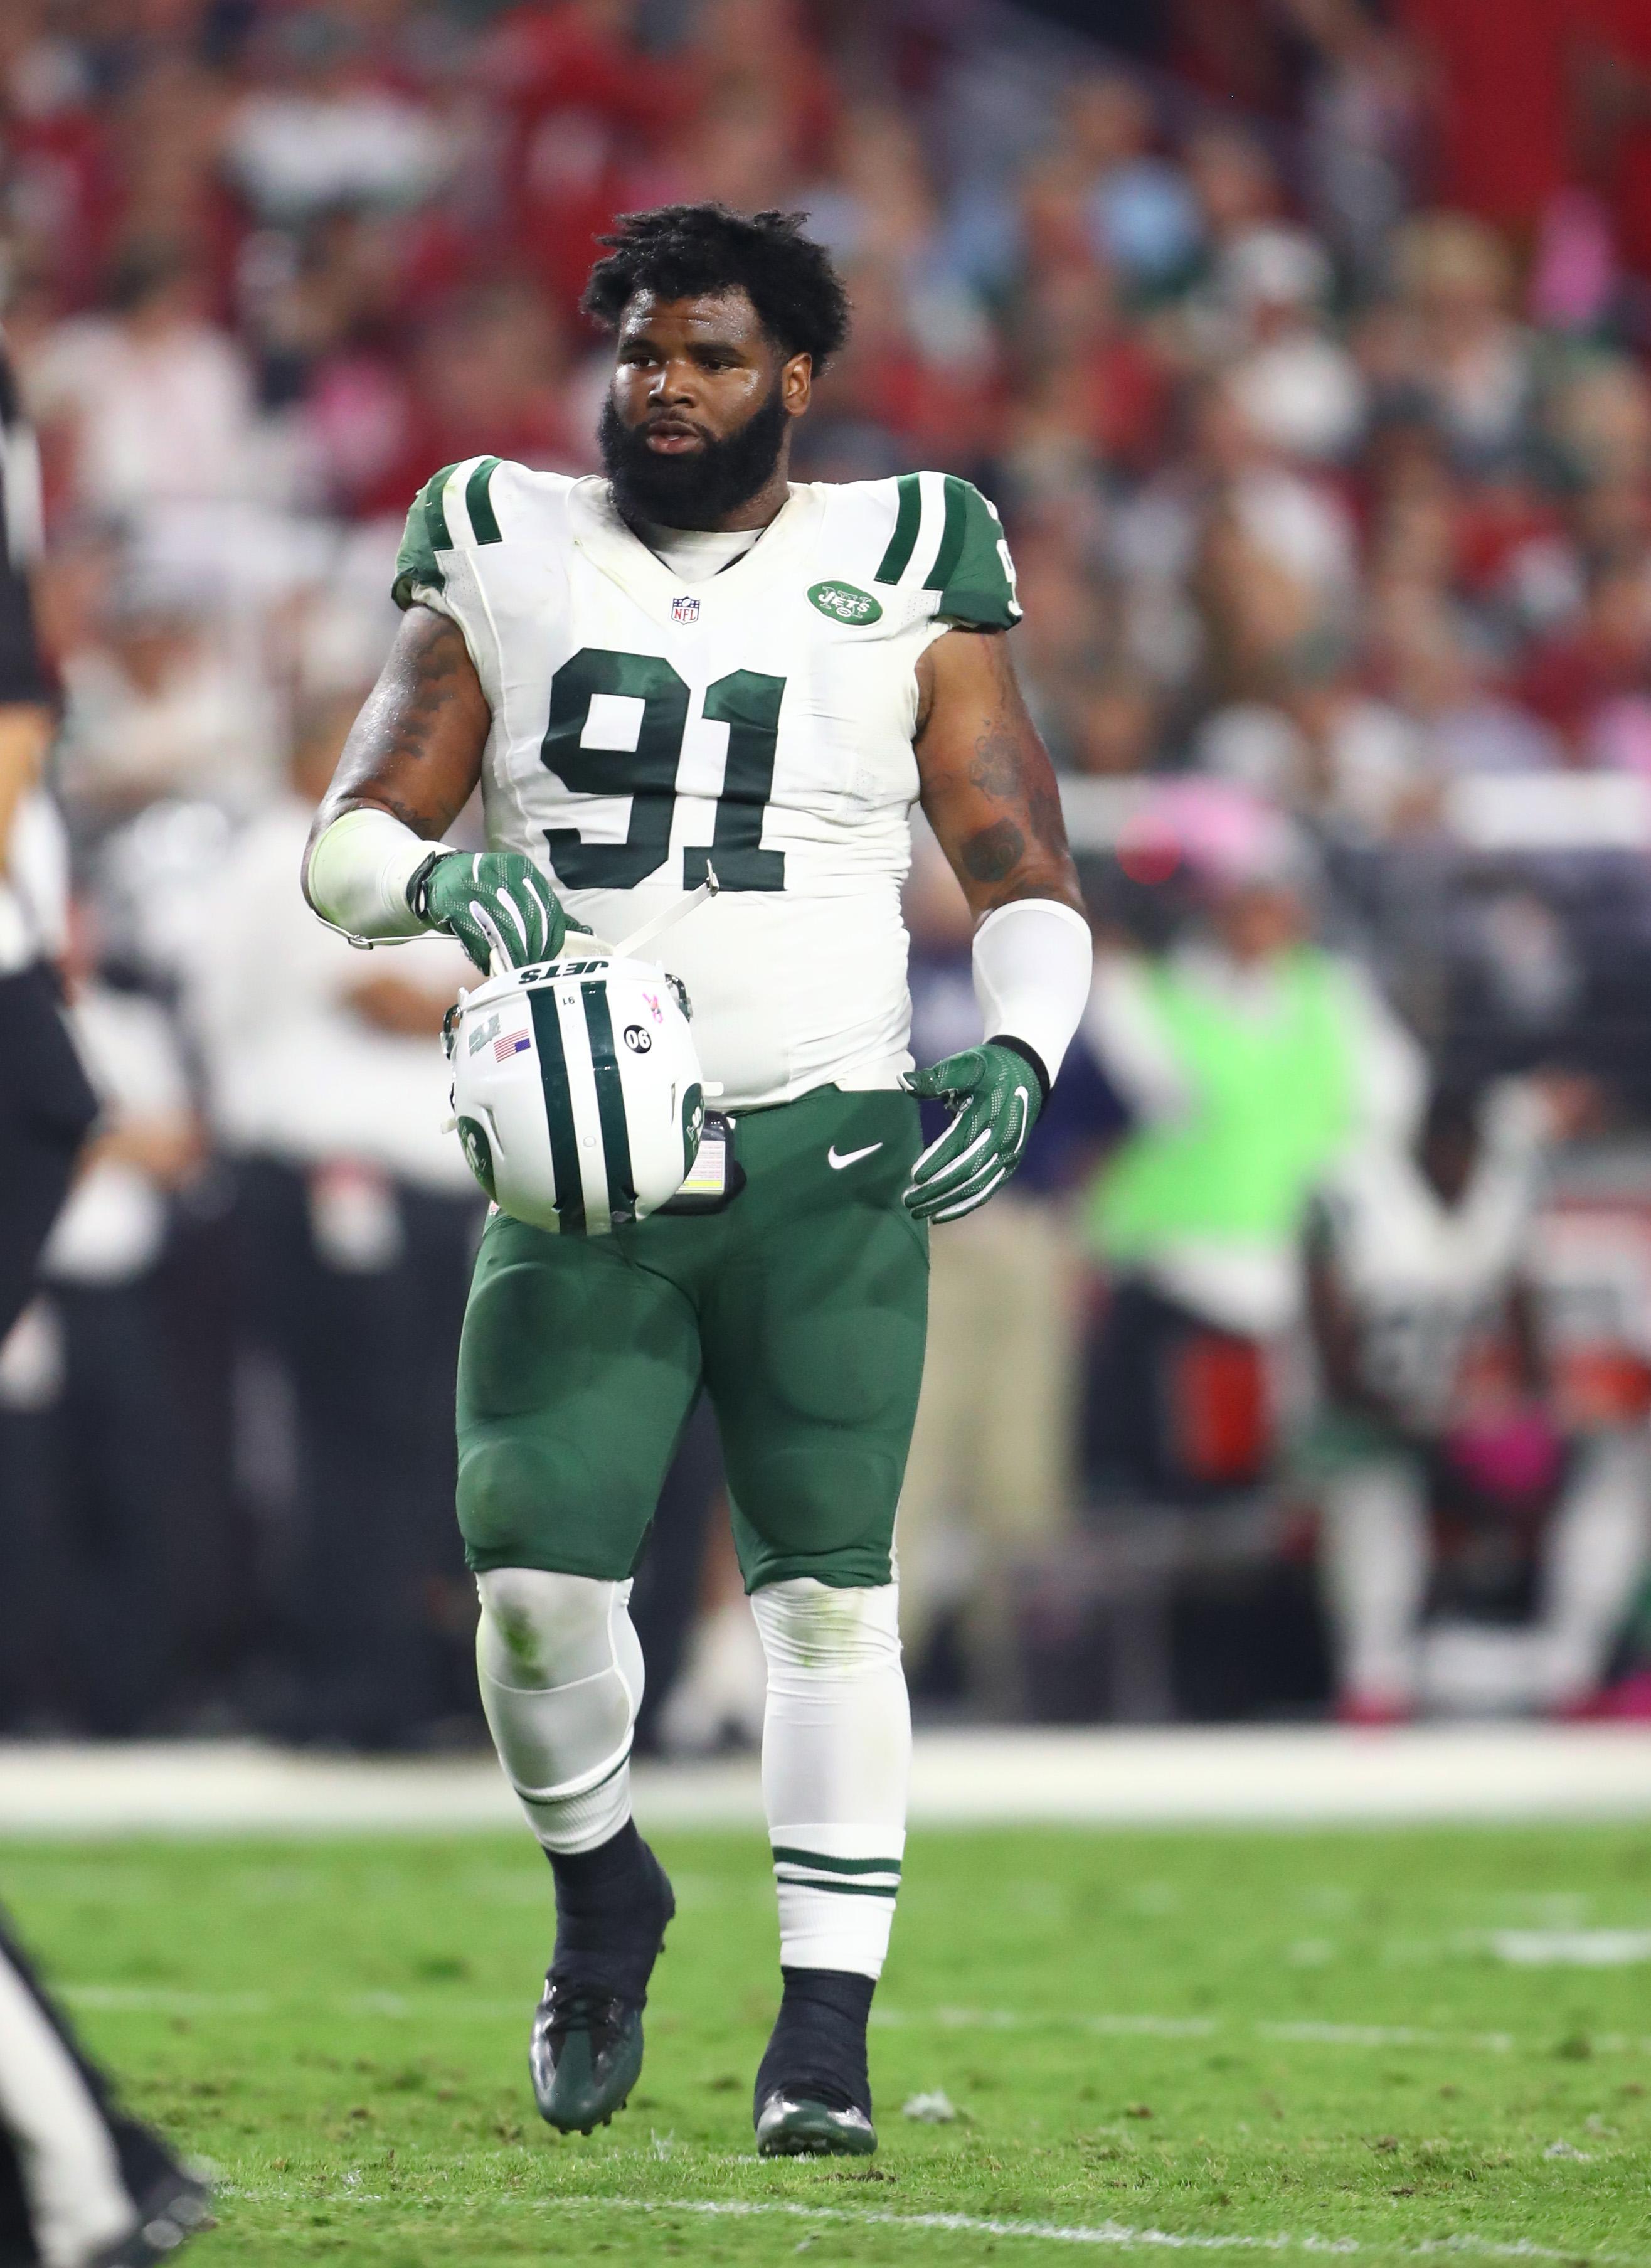 Jets Seahawks Swap Sheldon Richardson Jermaine Kearse